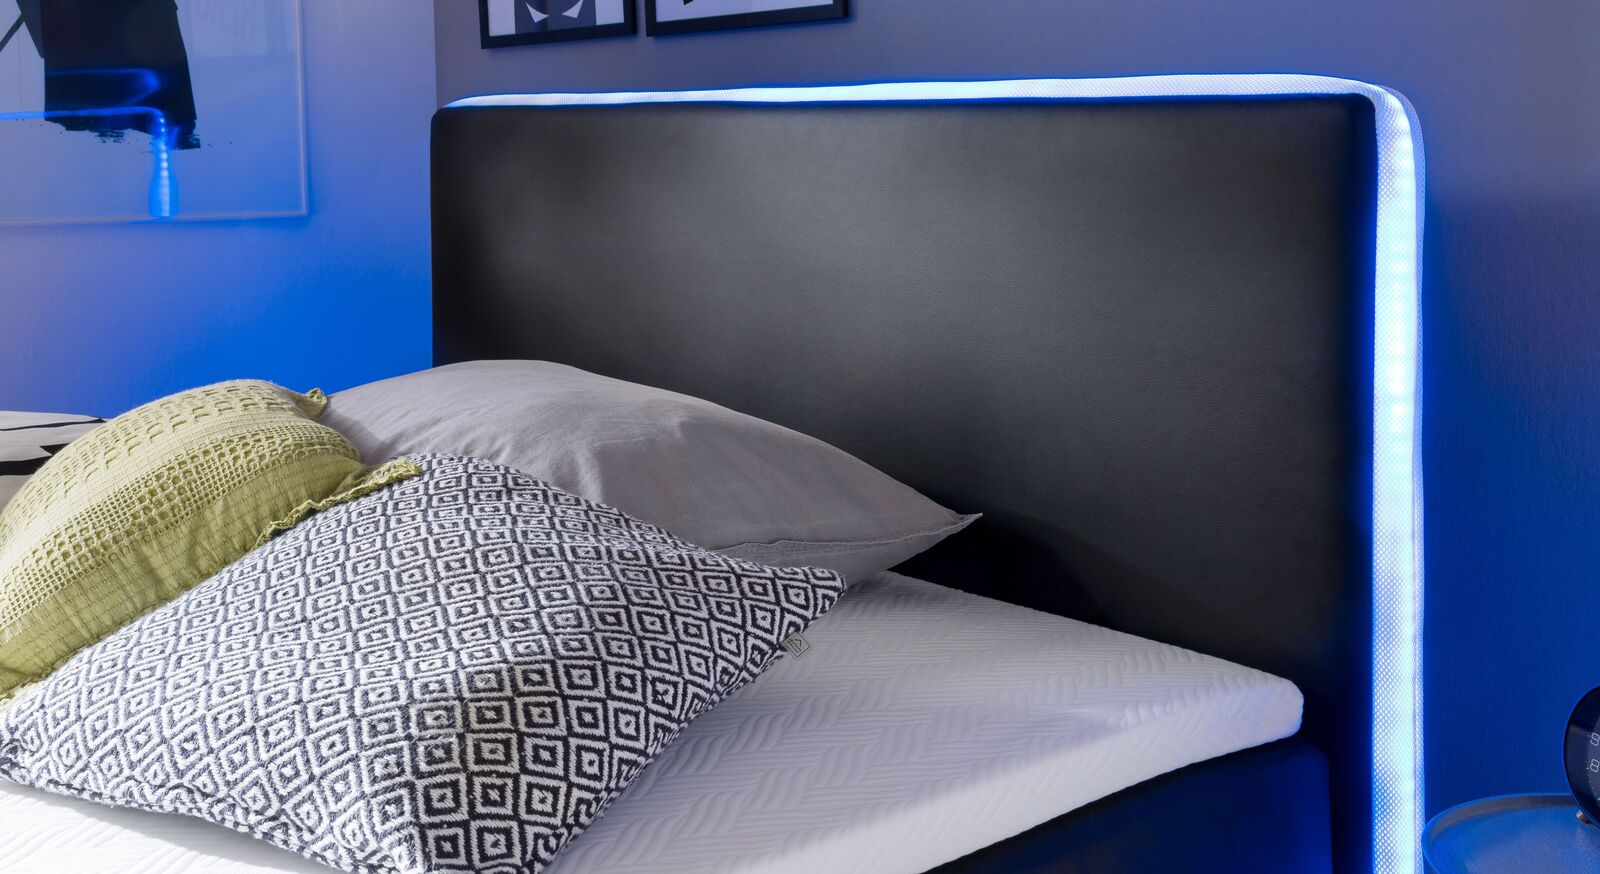 Bettkasten-Boxspringbett Merwins Kopfteil mit Beleuchtung